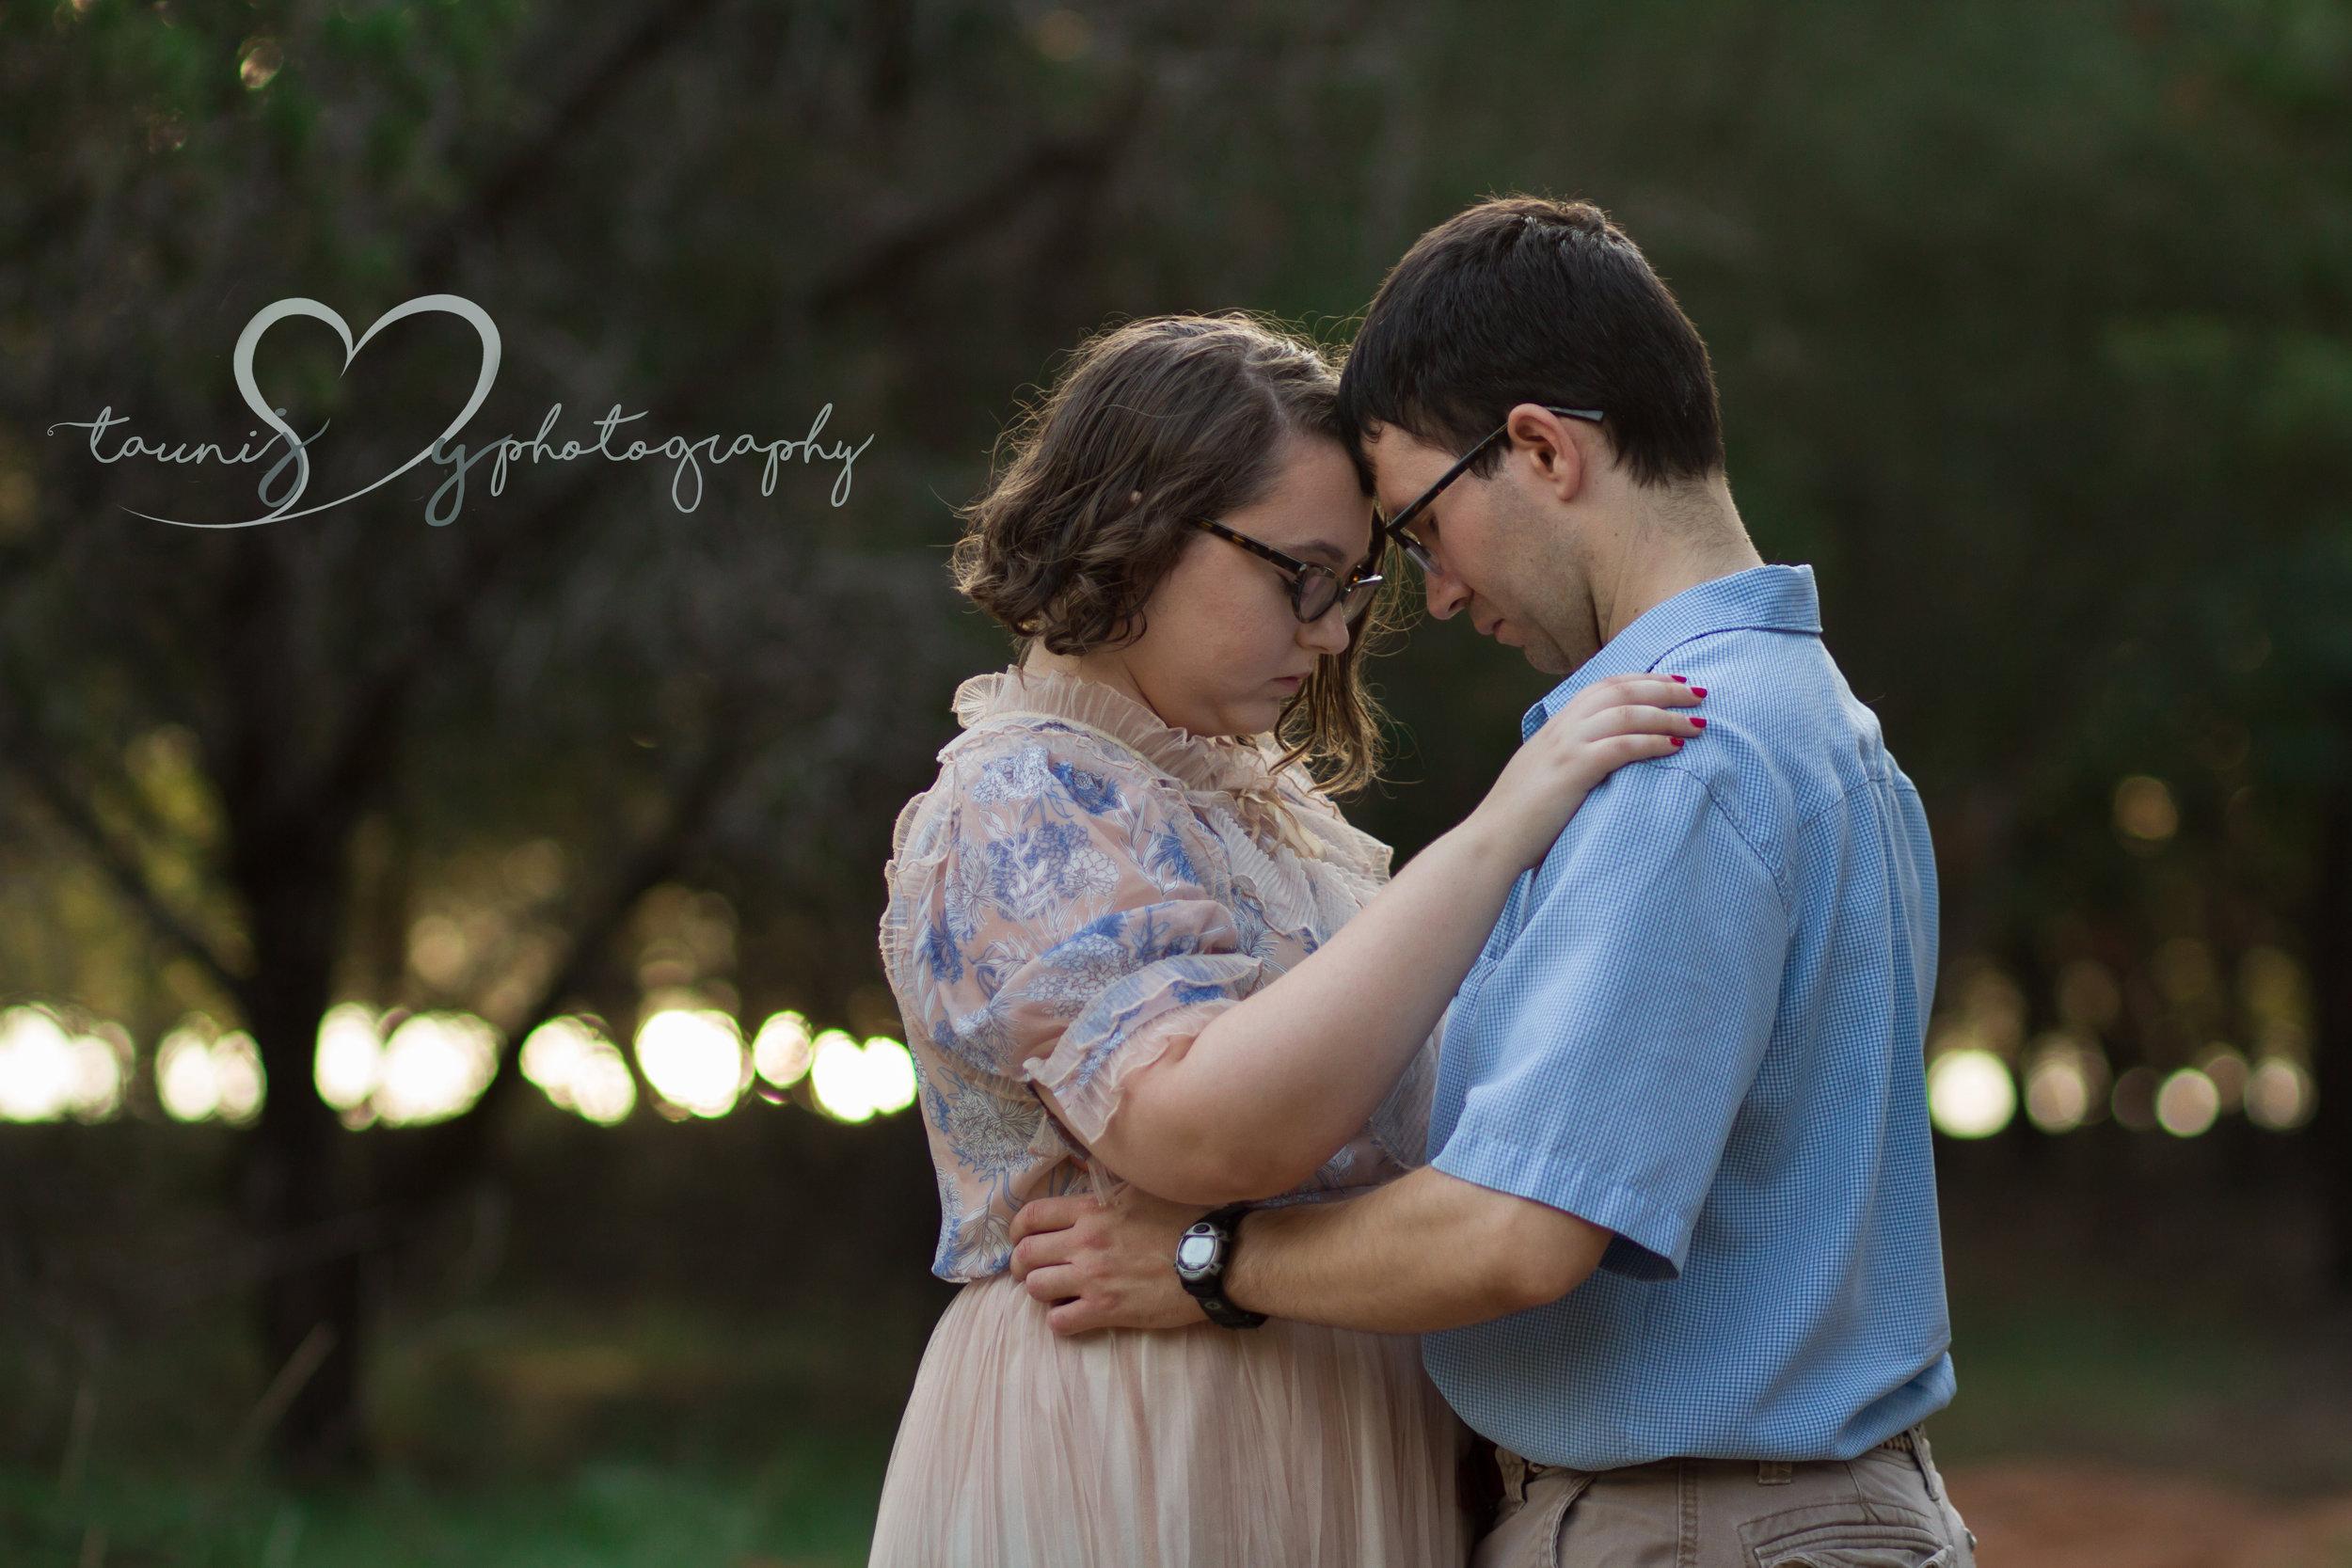 Love never fails - 1 Corinthians 13:8